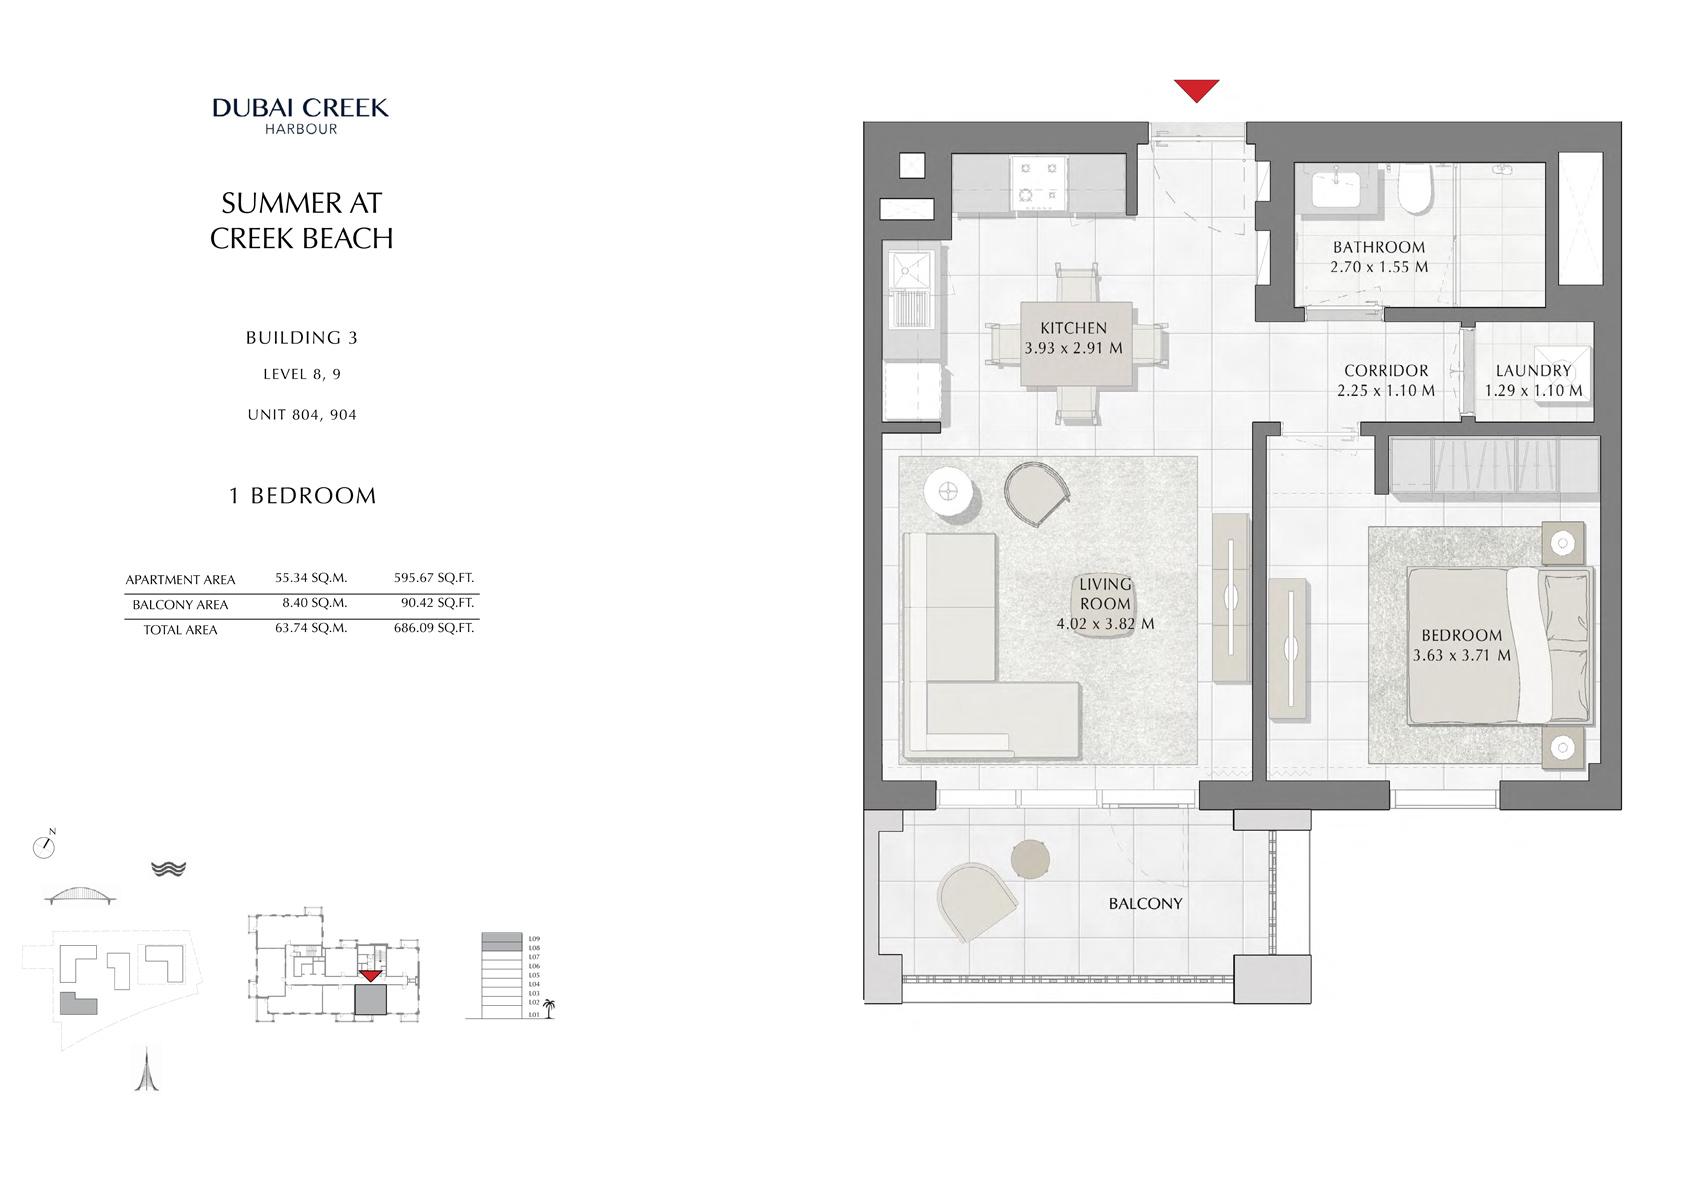 1 Br Building 3 Level-8-9 Unit 804-904, Size 686 Sq Ft